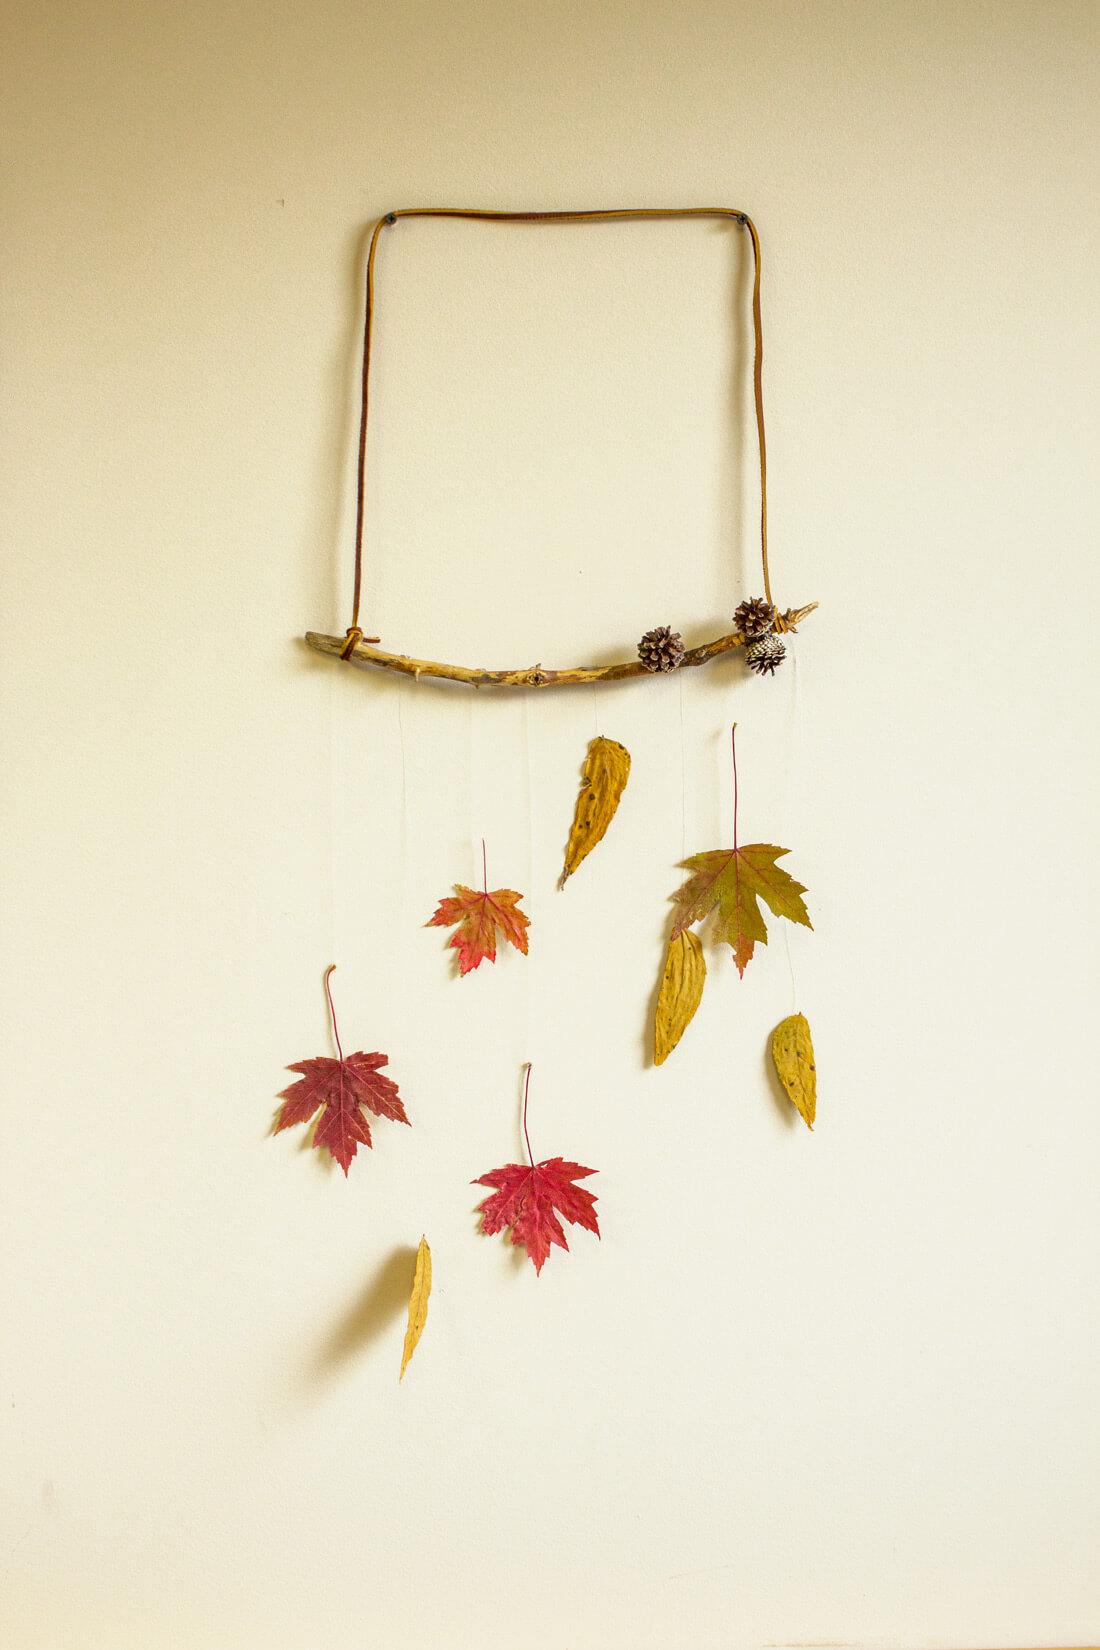 DIY Leaf Mobile - Make a Leaf Mobile - Soul Flower Blog